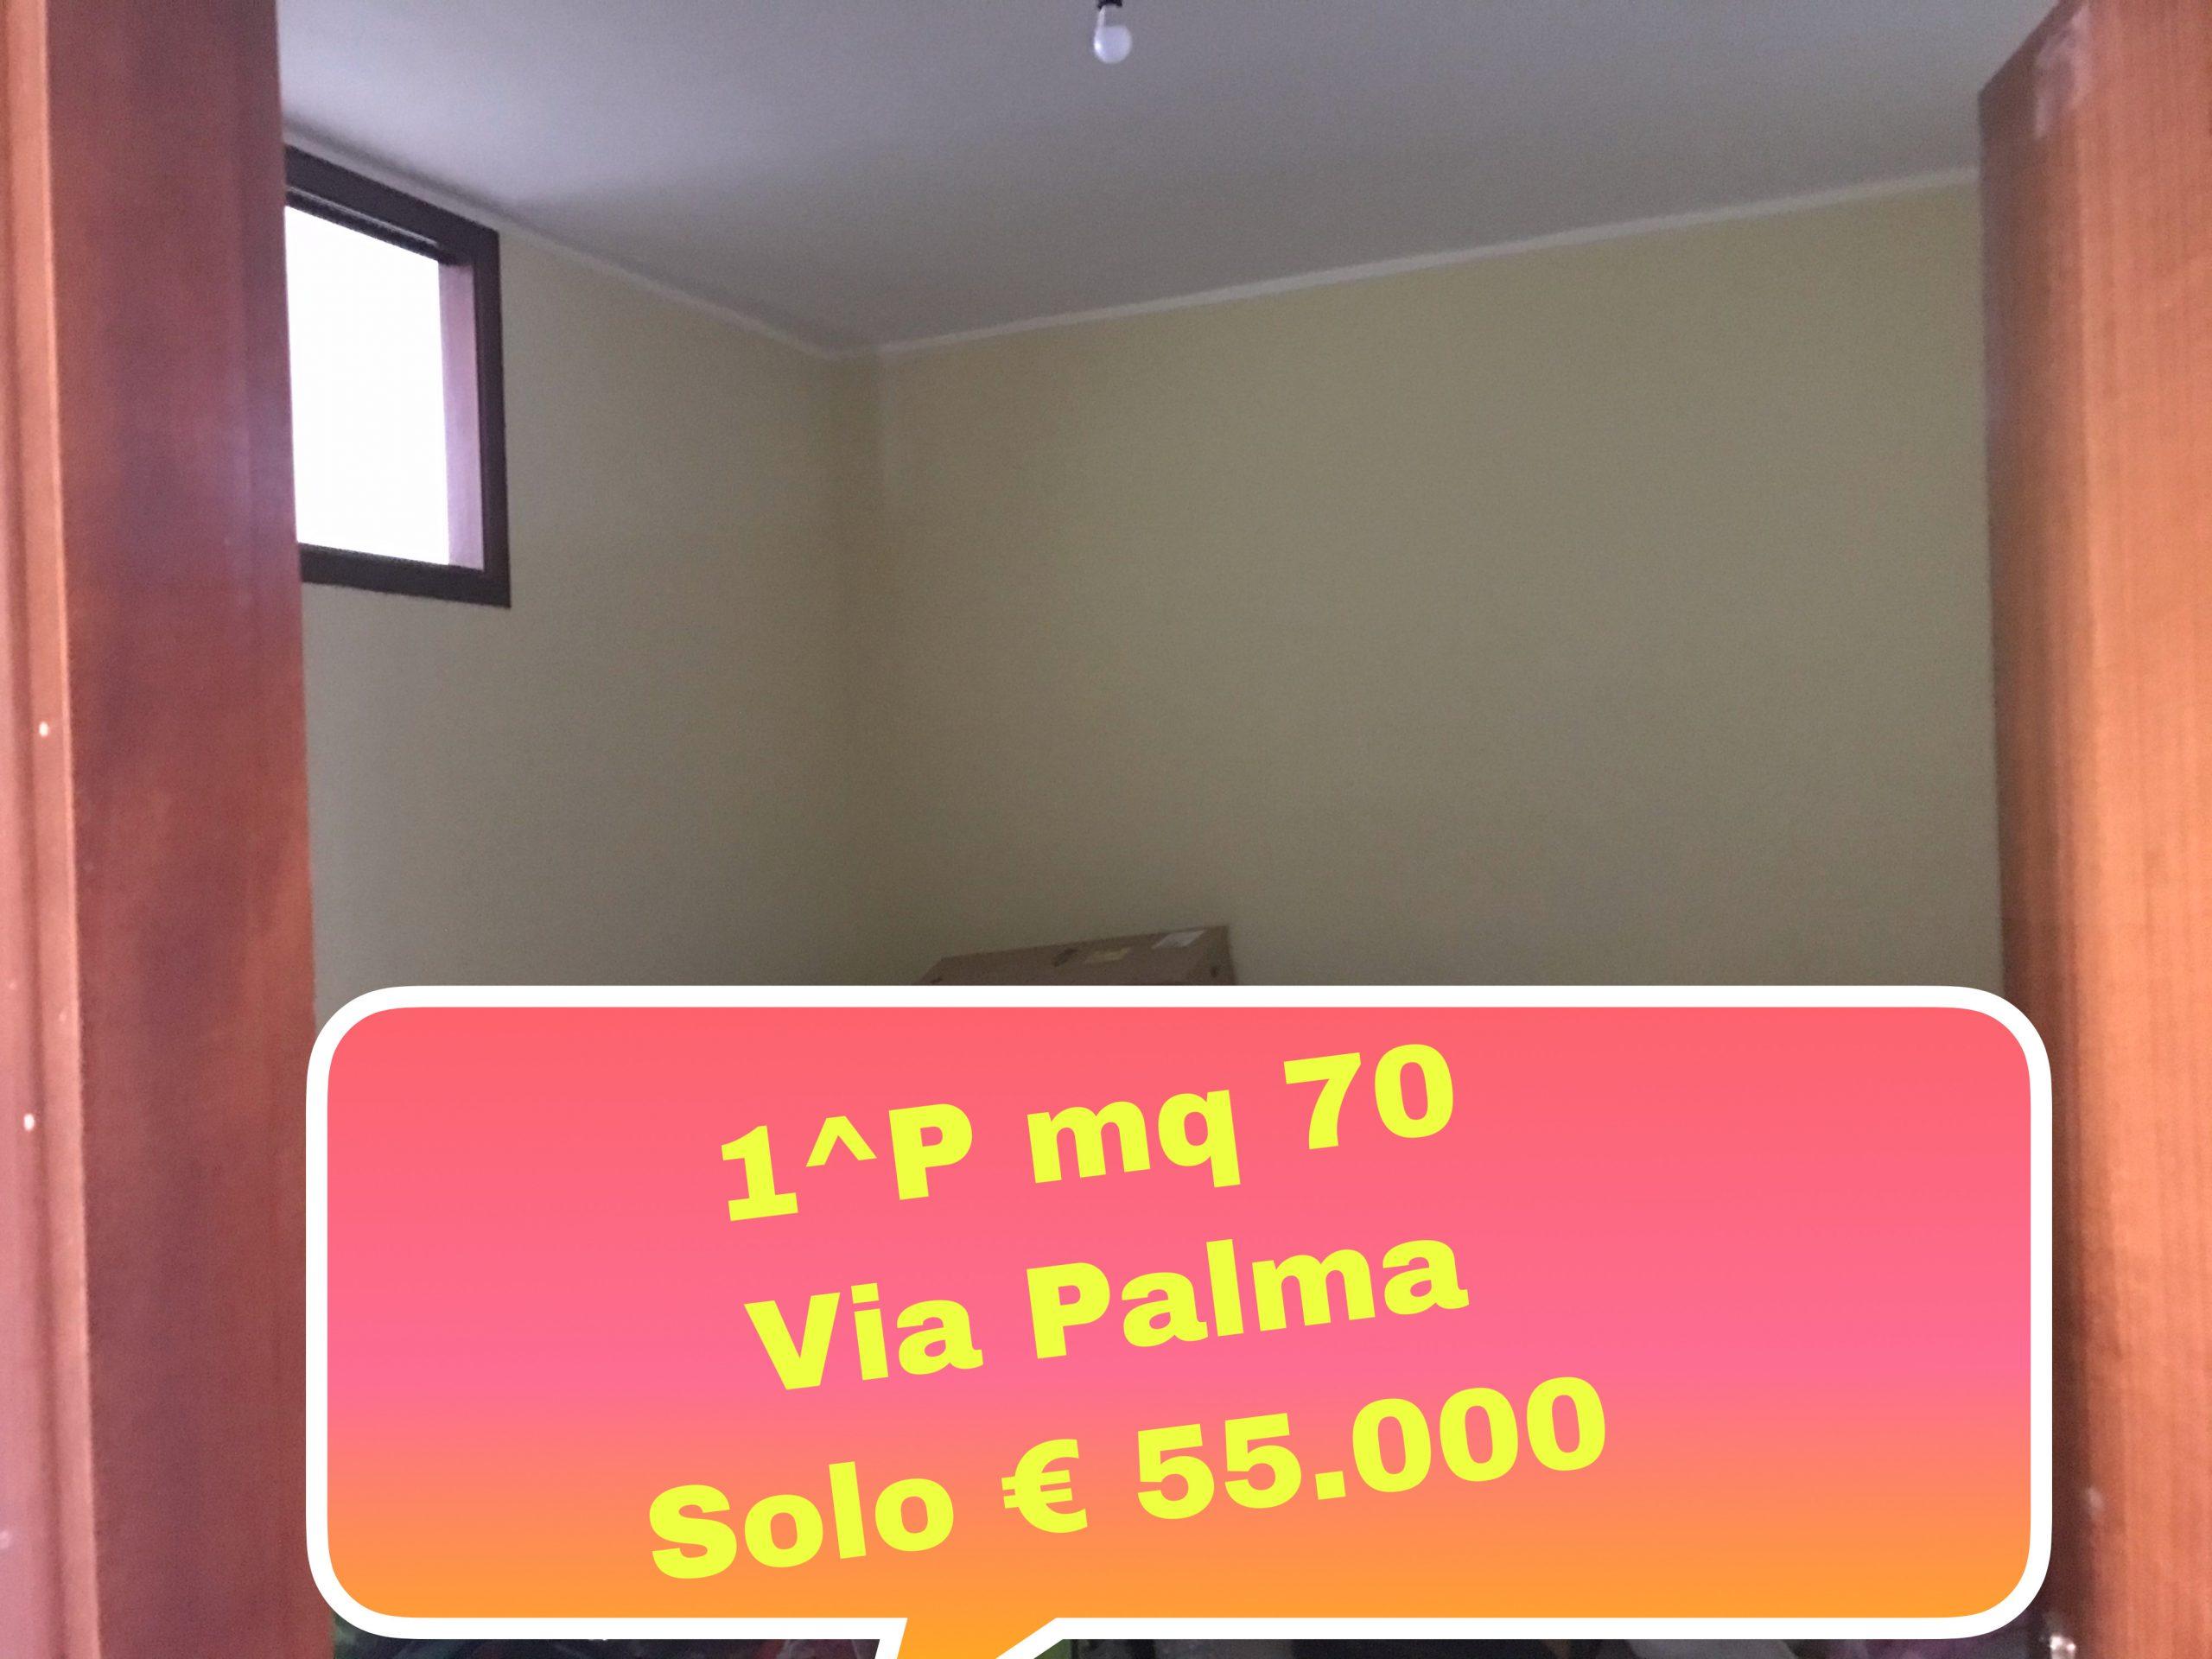 Appartamento 75 m² in via Palma primo piano